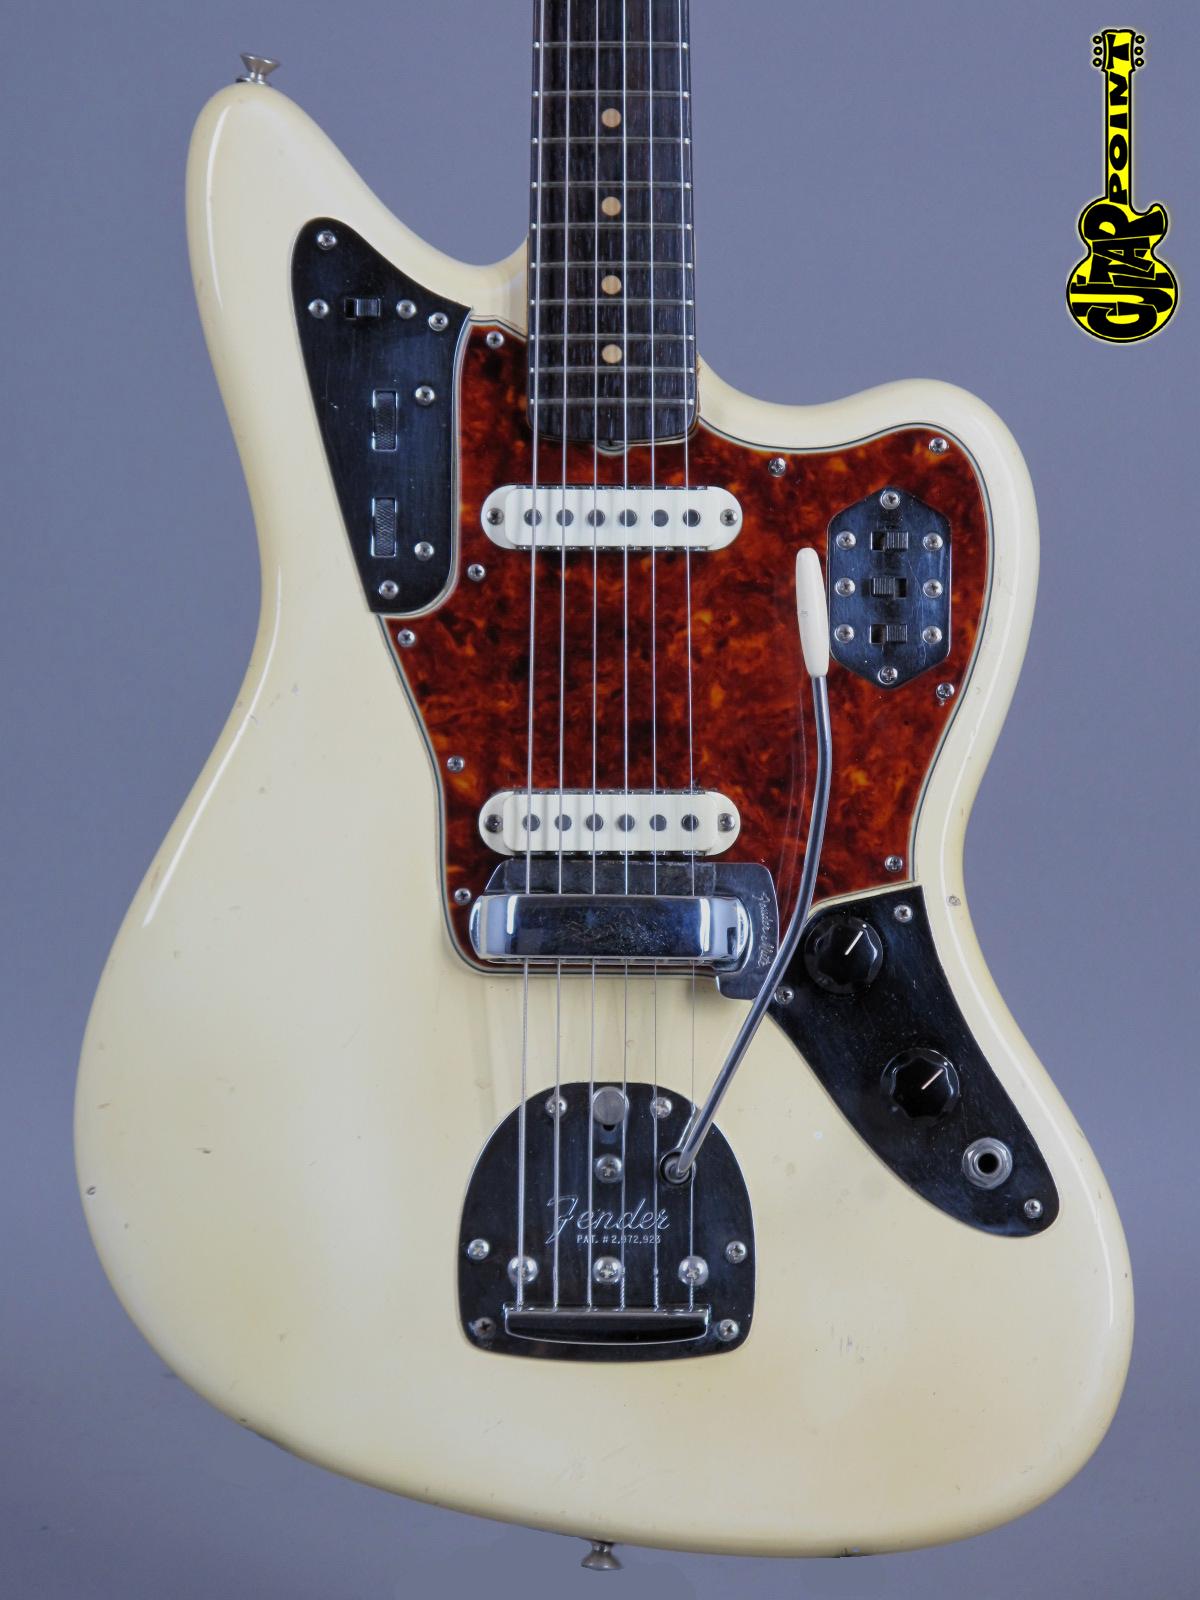 1965 Fender Jaguar – Olympic White - 1964 Specs!